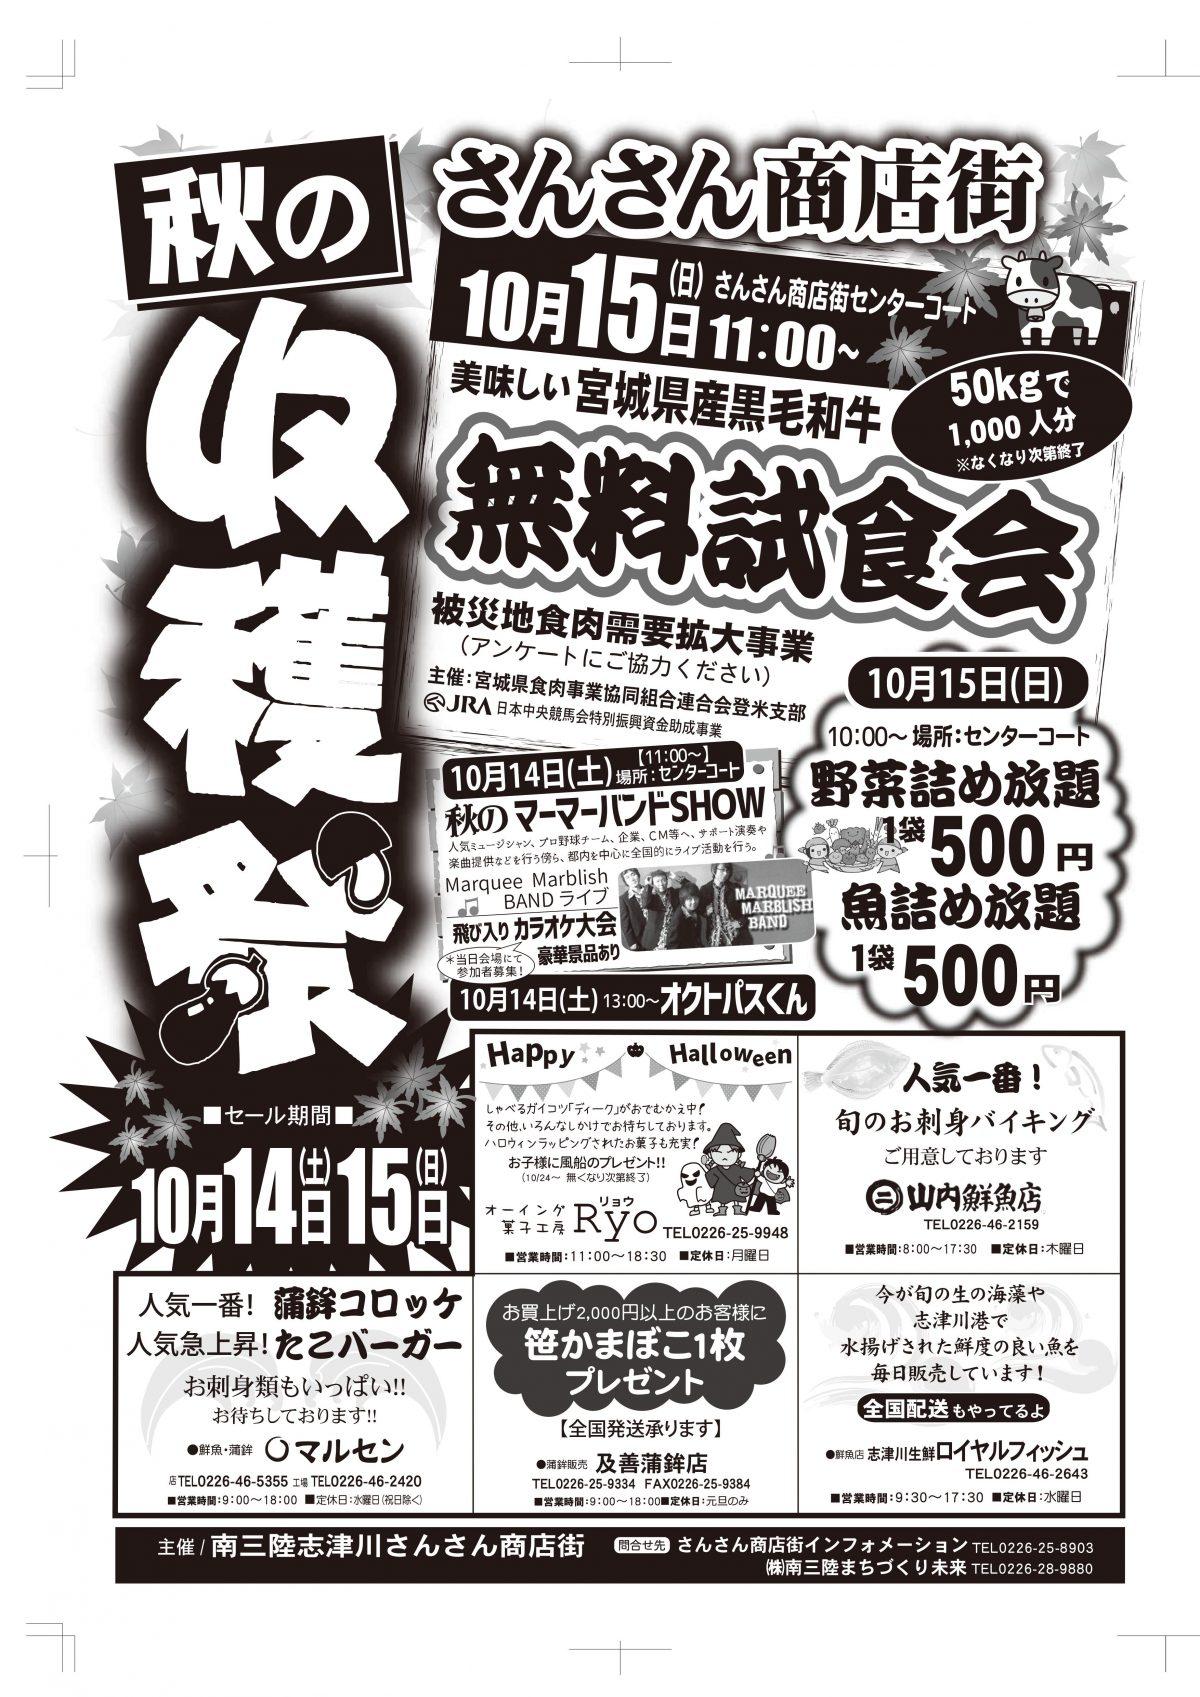 10月14日(土)・15日(日)さんさん商店街『秋の収穫祭』を開催!